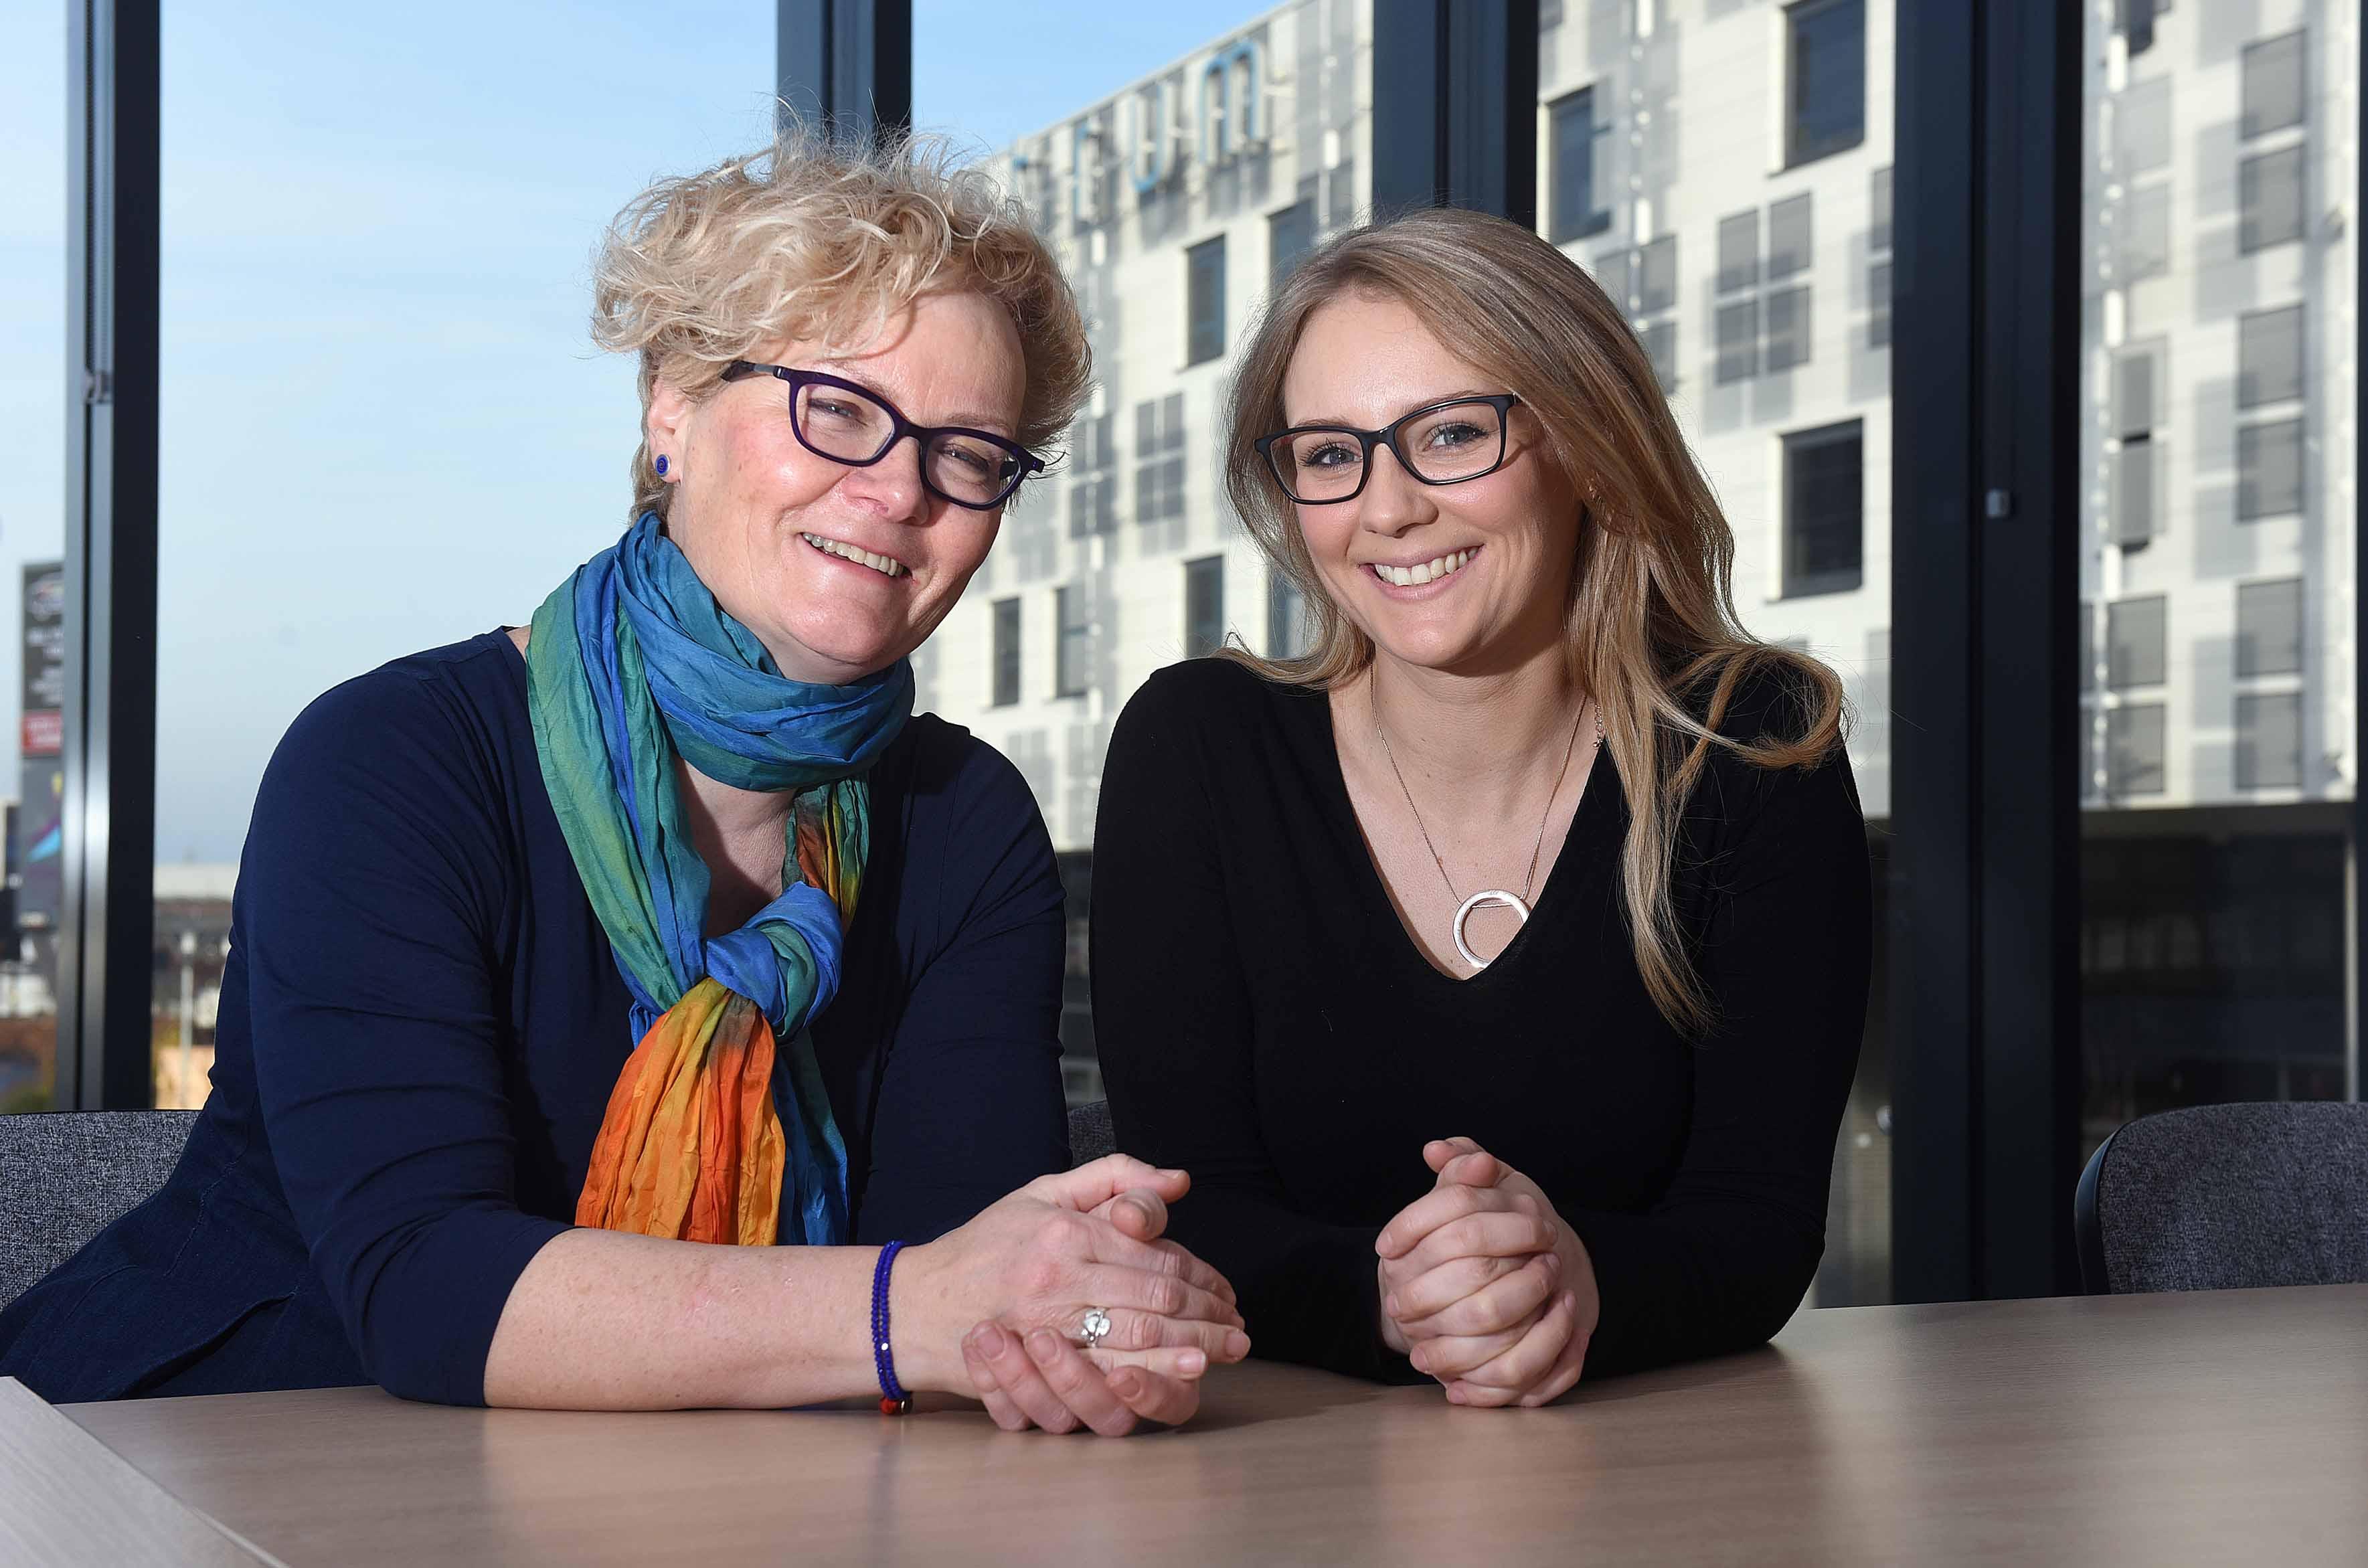 Birmingham duo recognised as leading women in tech